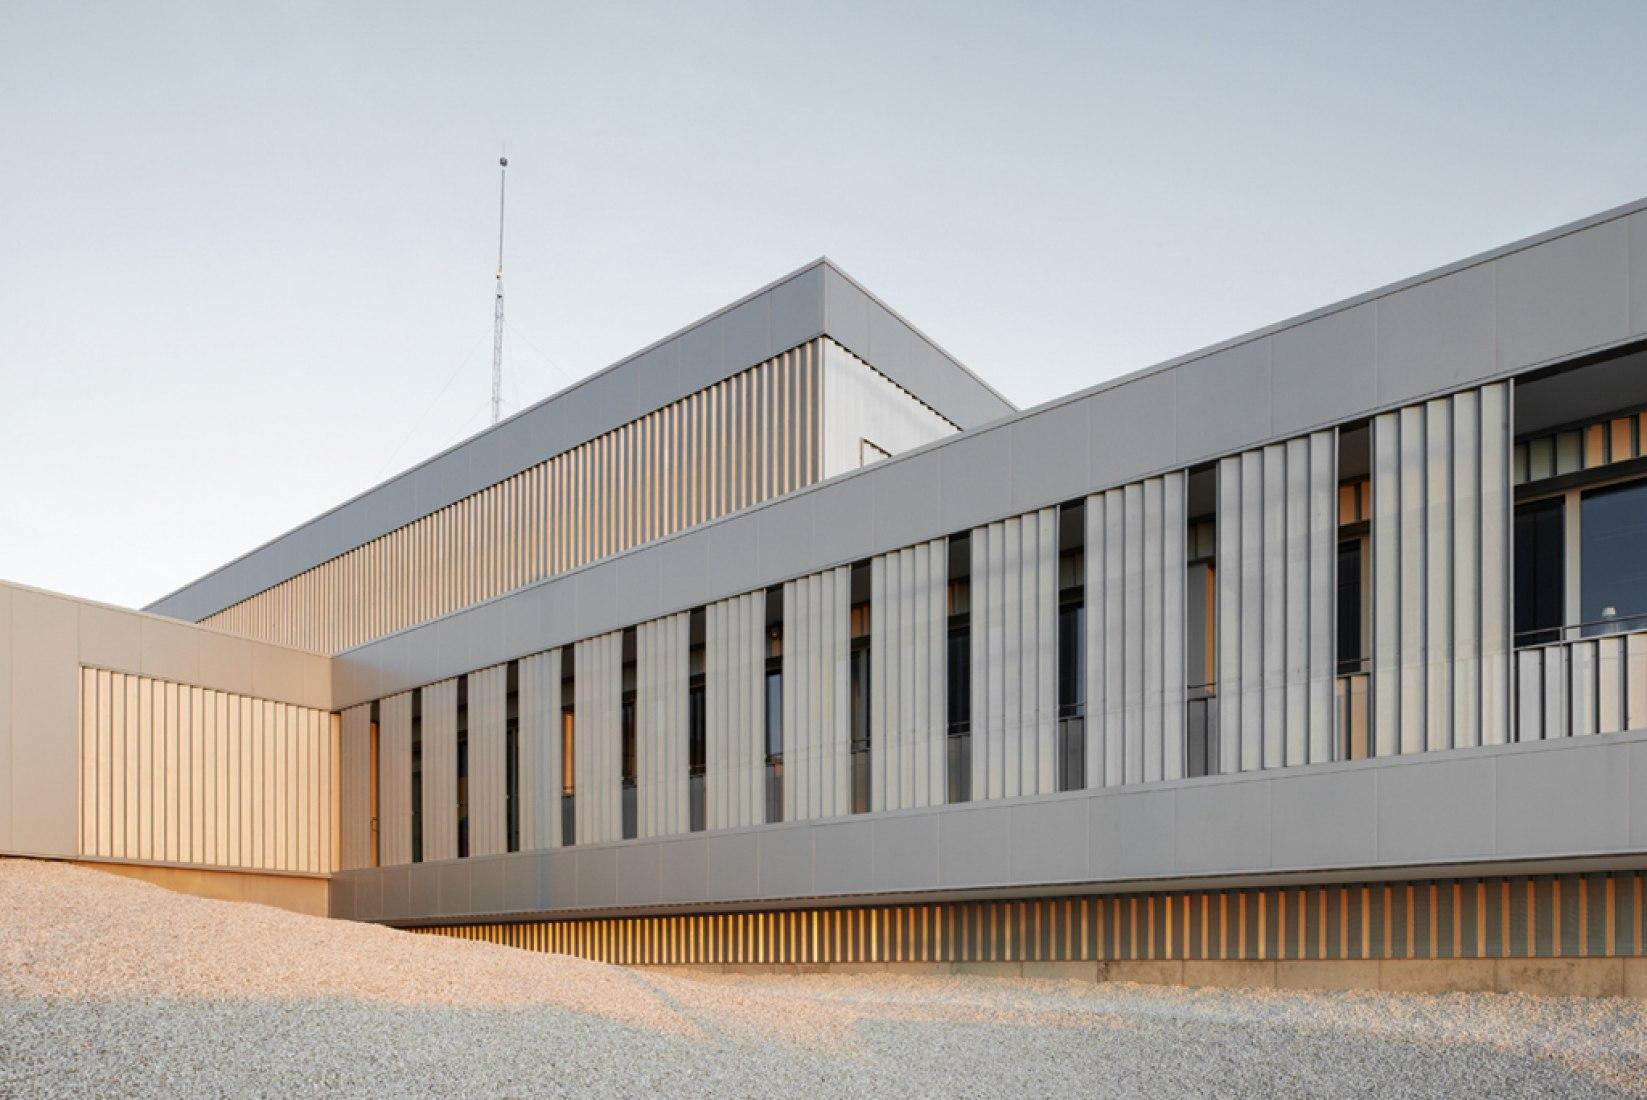 Nueva Sede para los Laboratorios de I+D de Certest por Raimundo Bambó, Federico Pardos. Fotografía © Iñaki Bergera. Cortesía de ACXT.